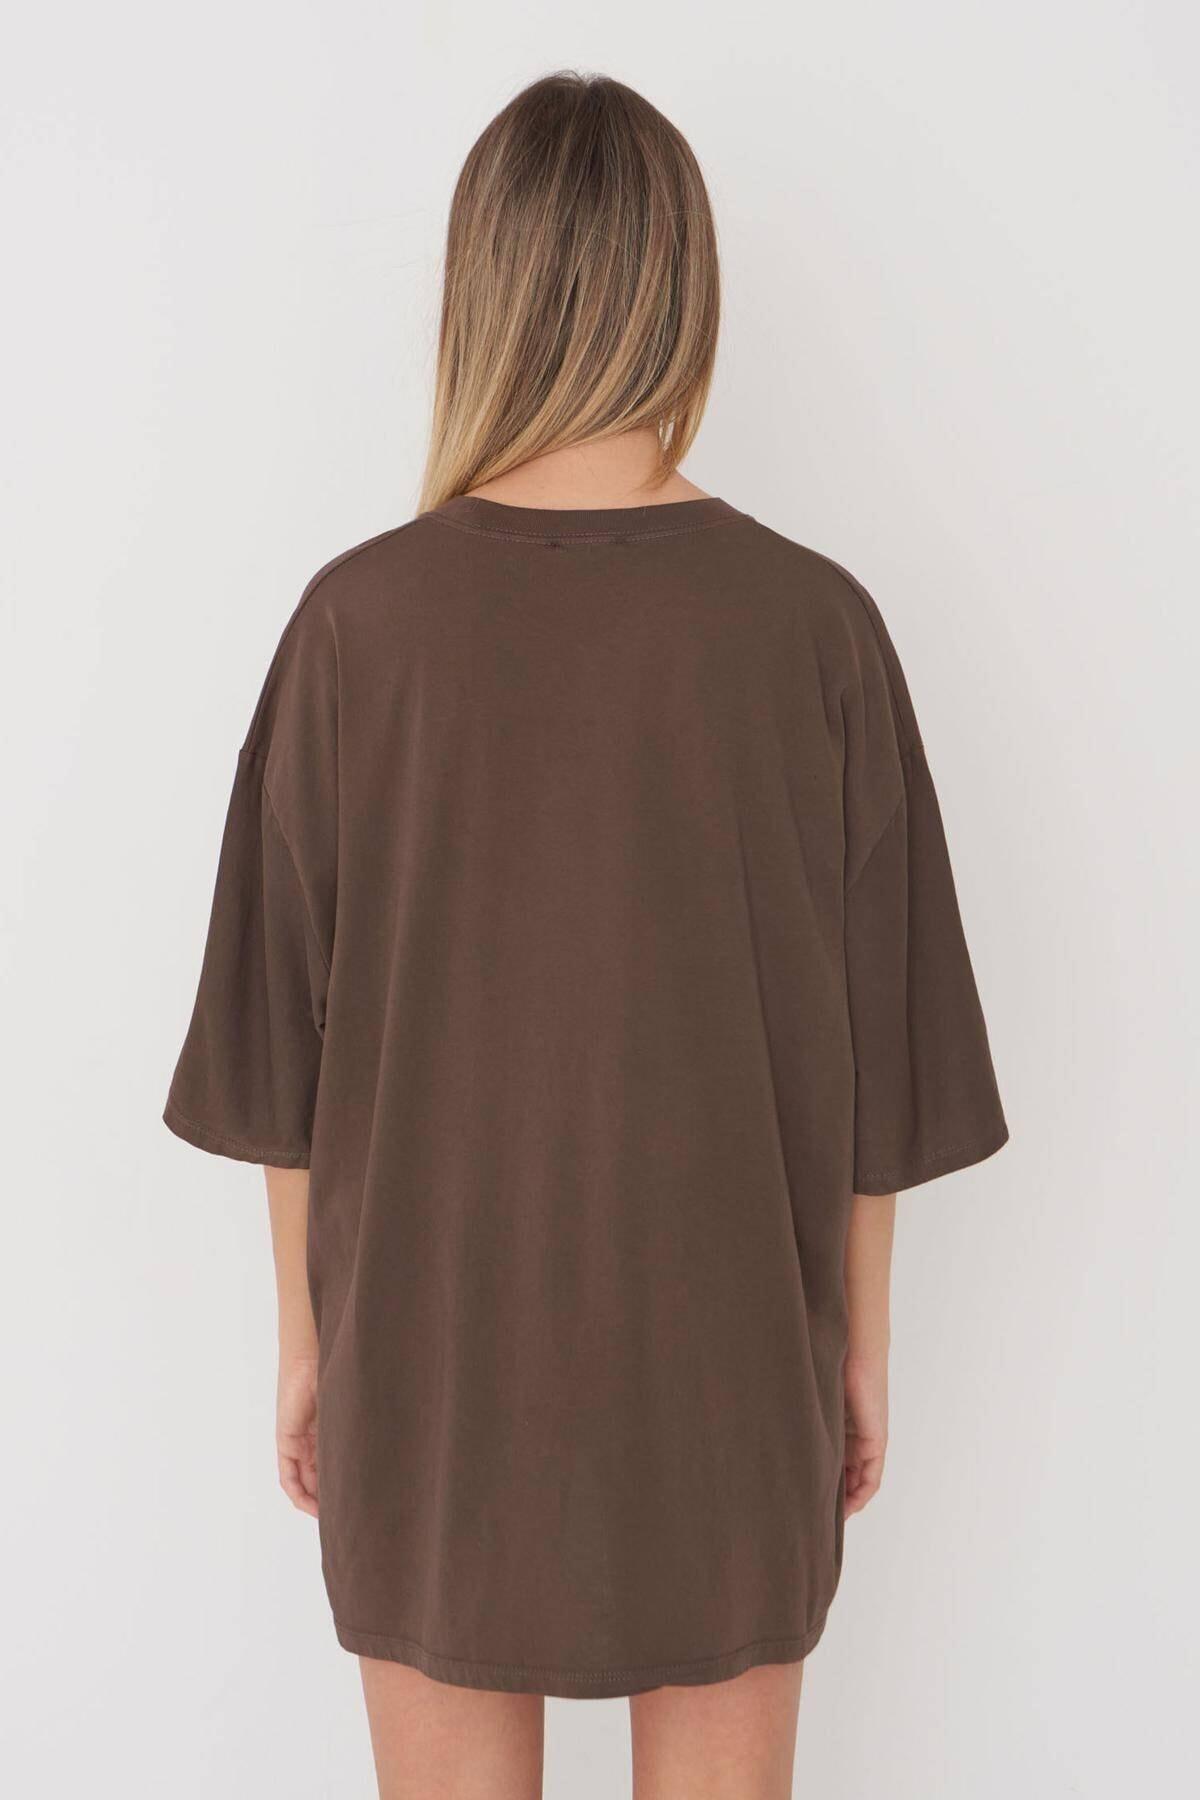 Addax Kadın Kahve Baskılı Oversize T-Shirt P9546 - B5 Adx-0000023996 4